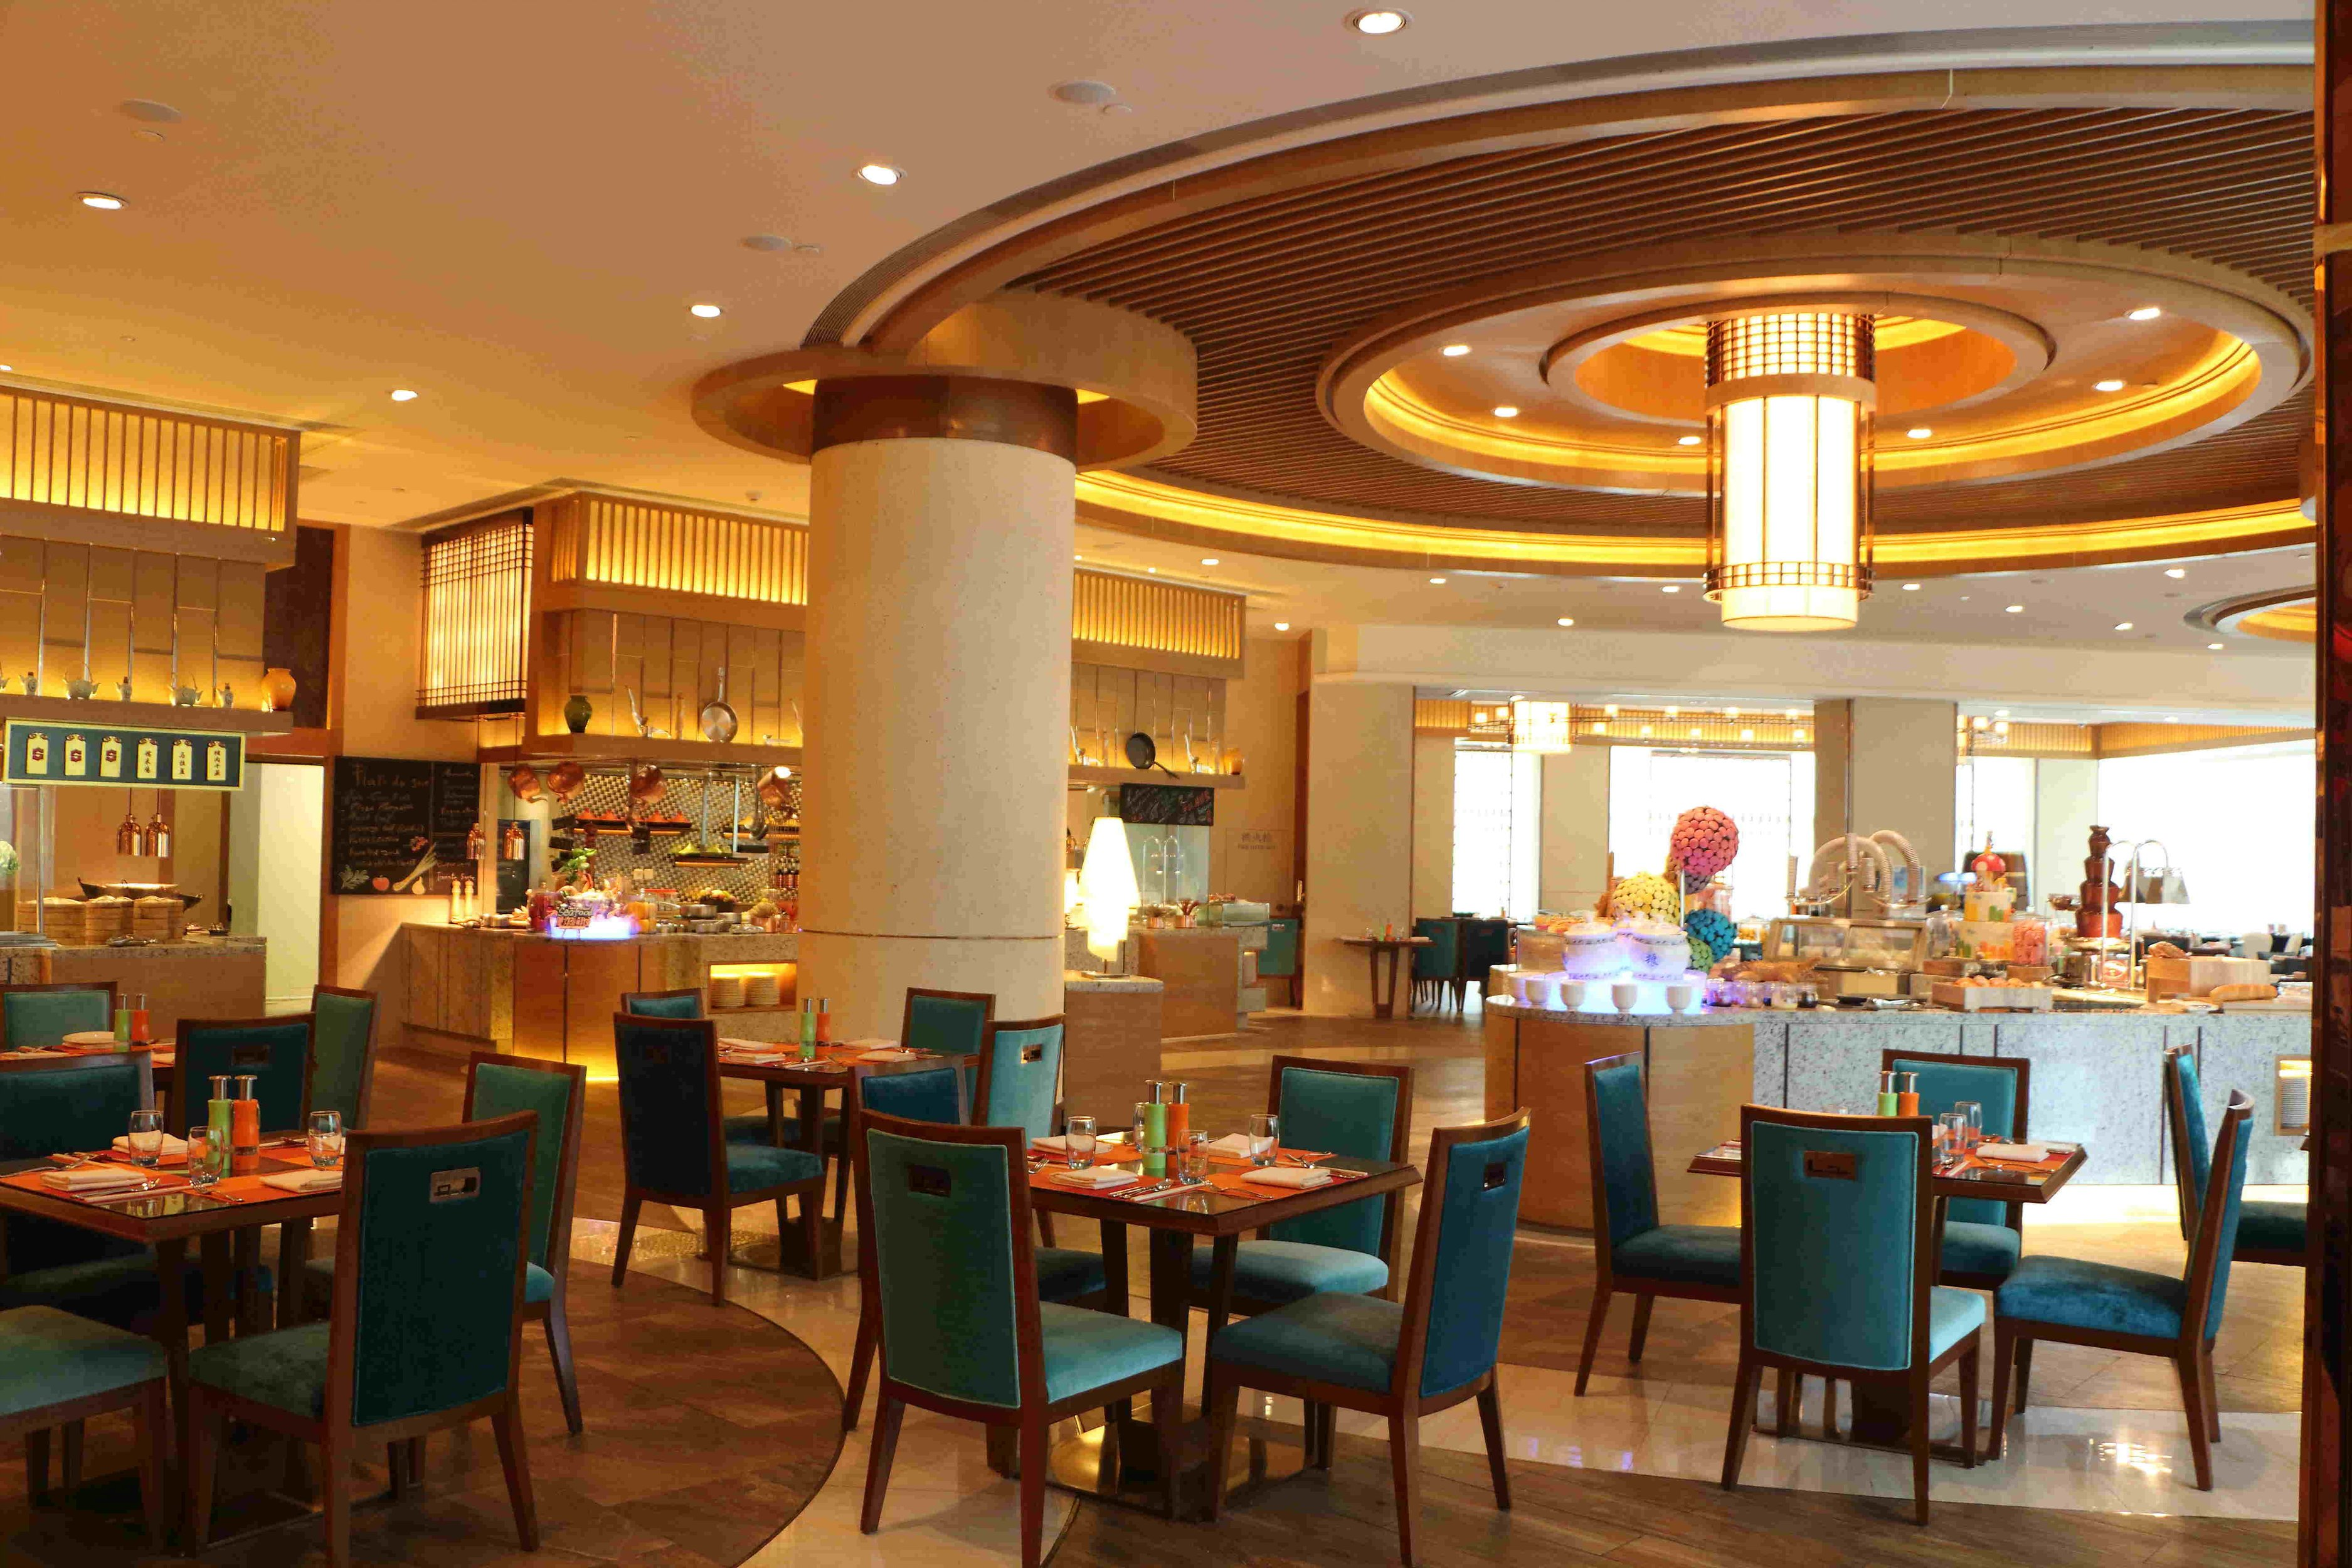 香格里拉大酒店皖咖啡自助餐厅